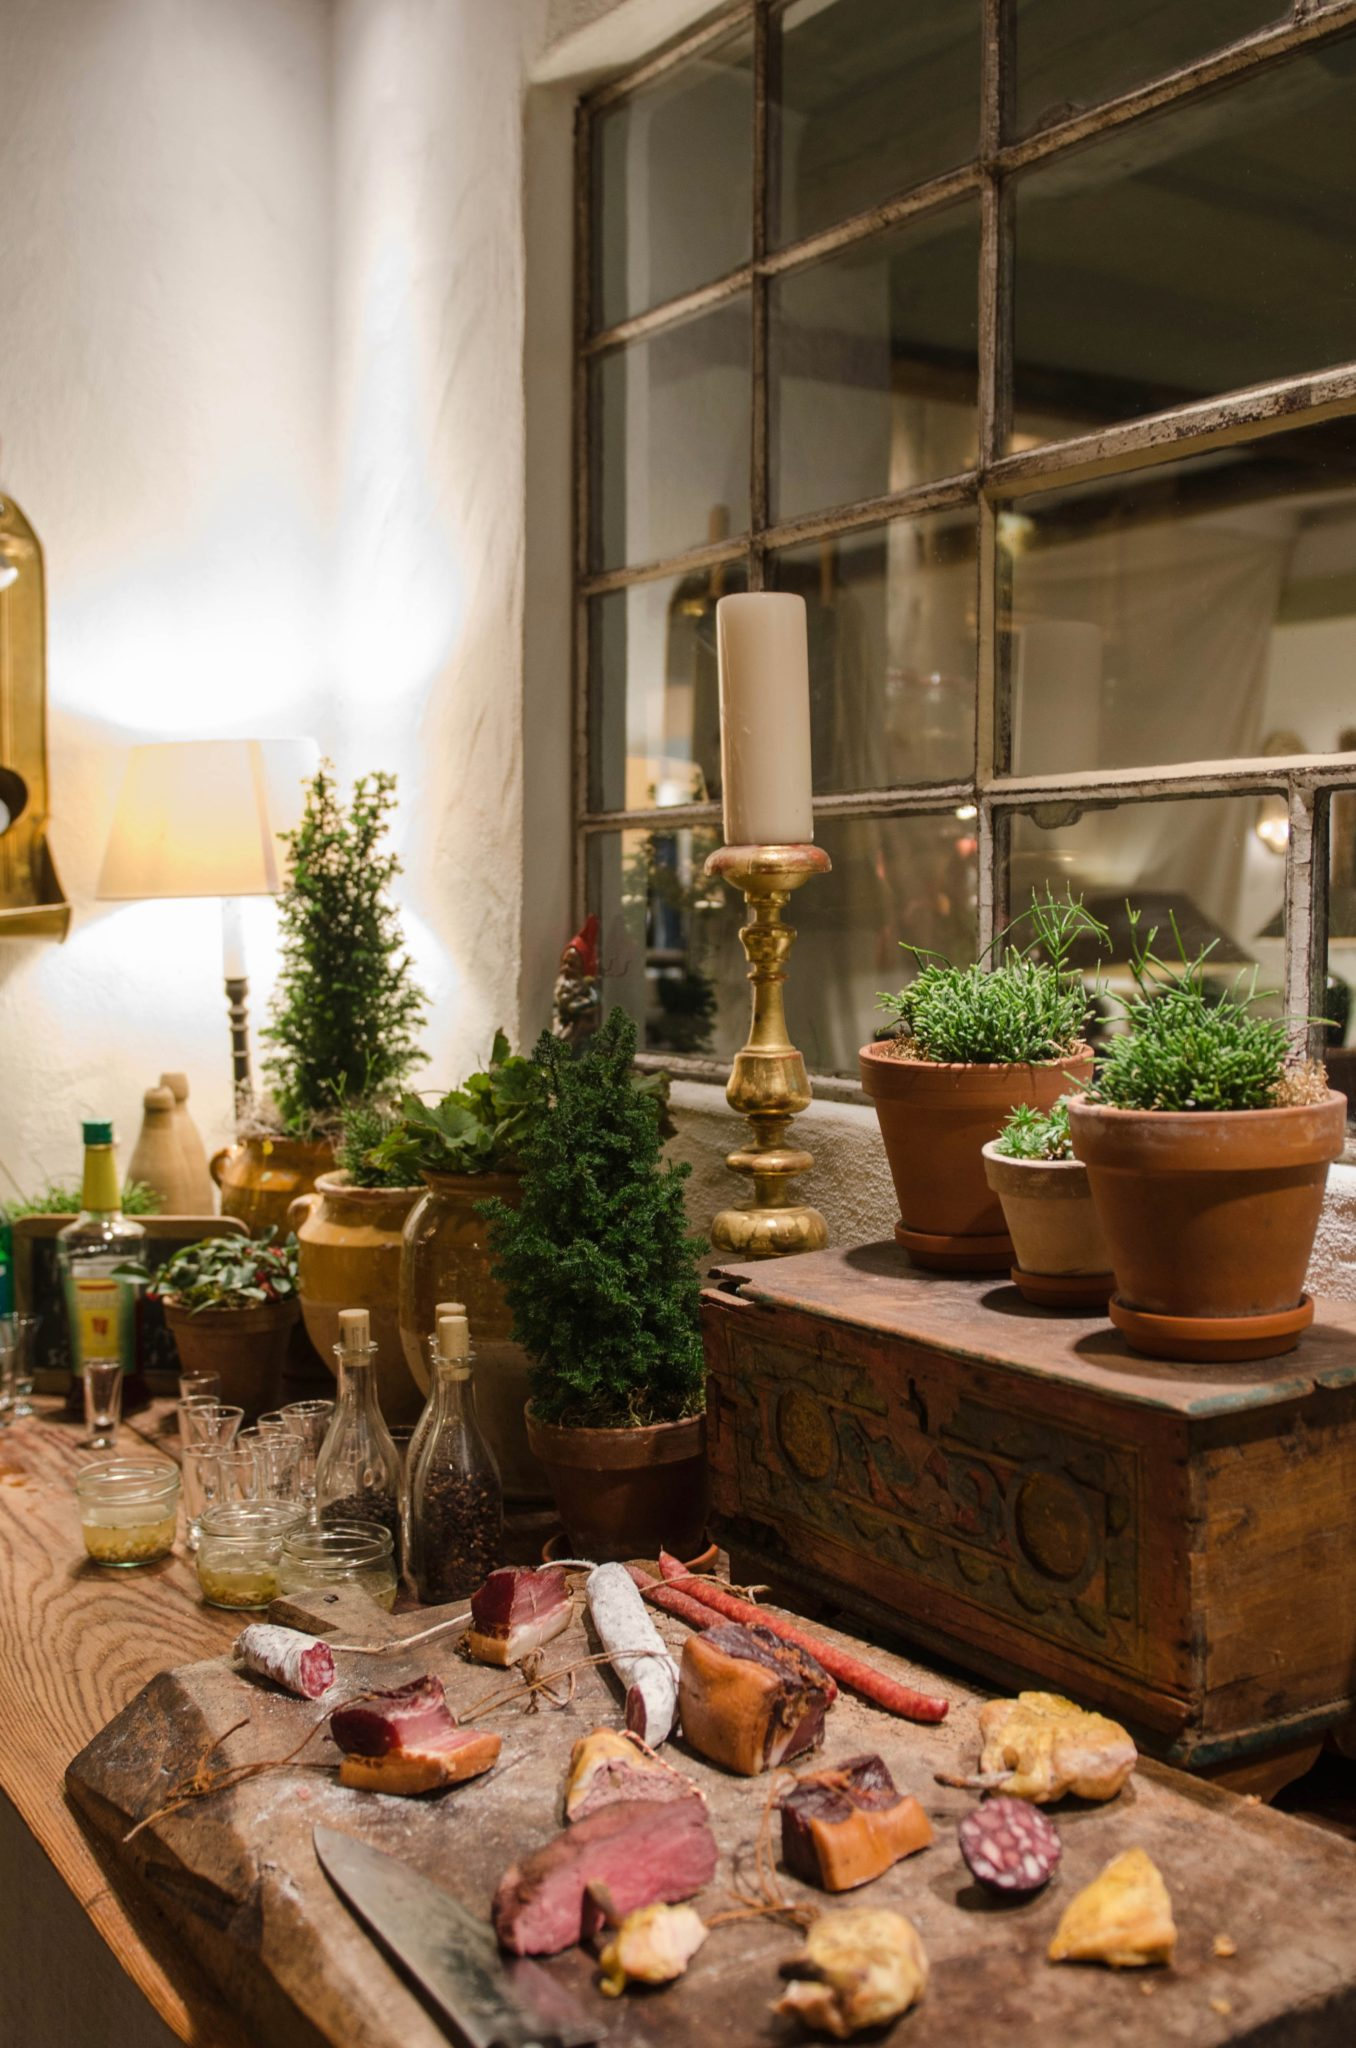 Lieblingsort: Die Kammer mit regionalen Spezialitäten ist ein echtes Highlight im Bleiche Resort & Spa